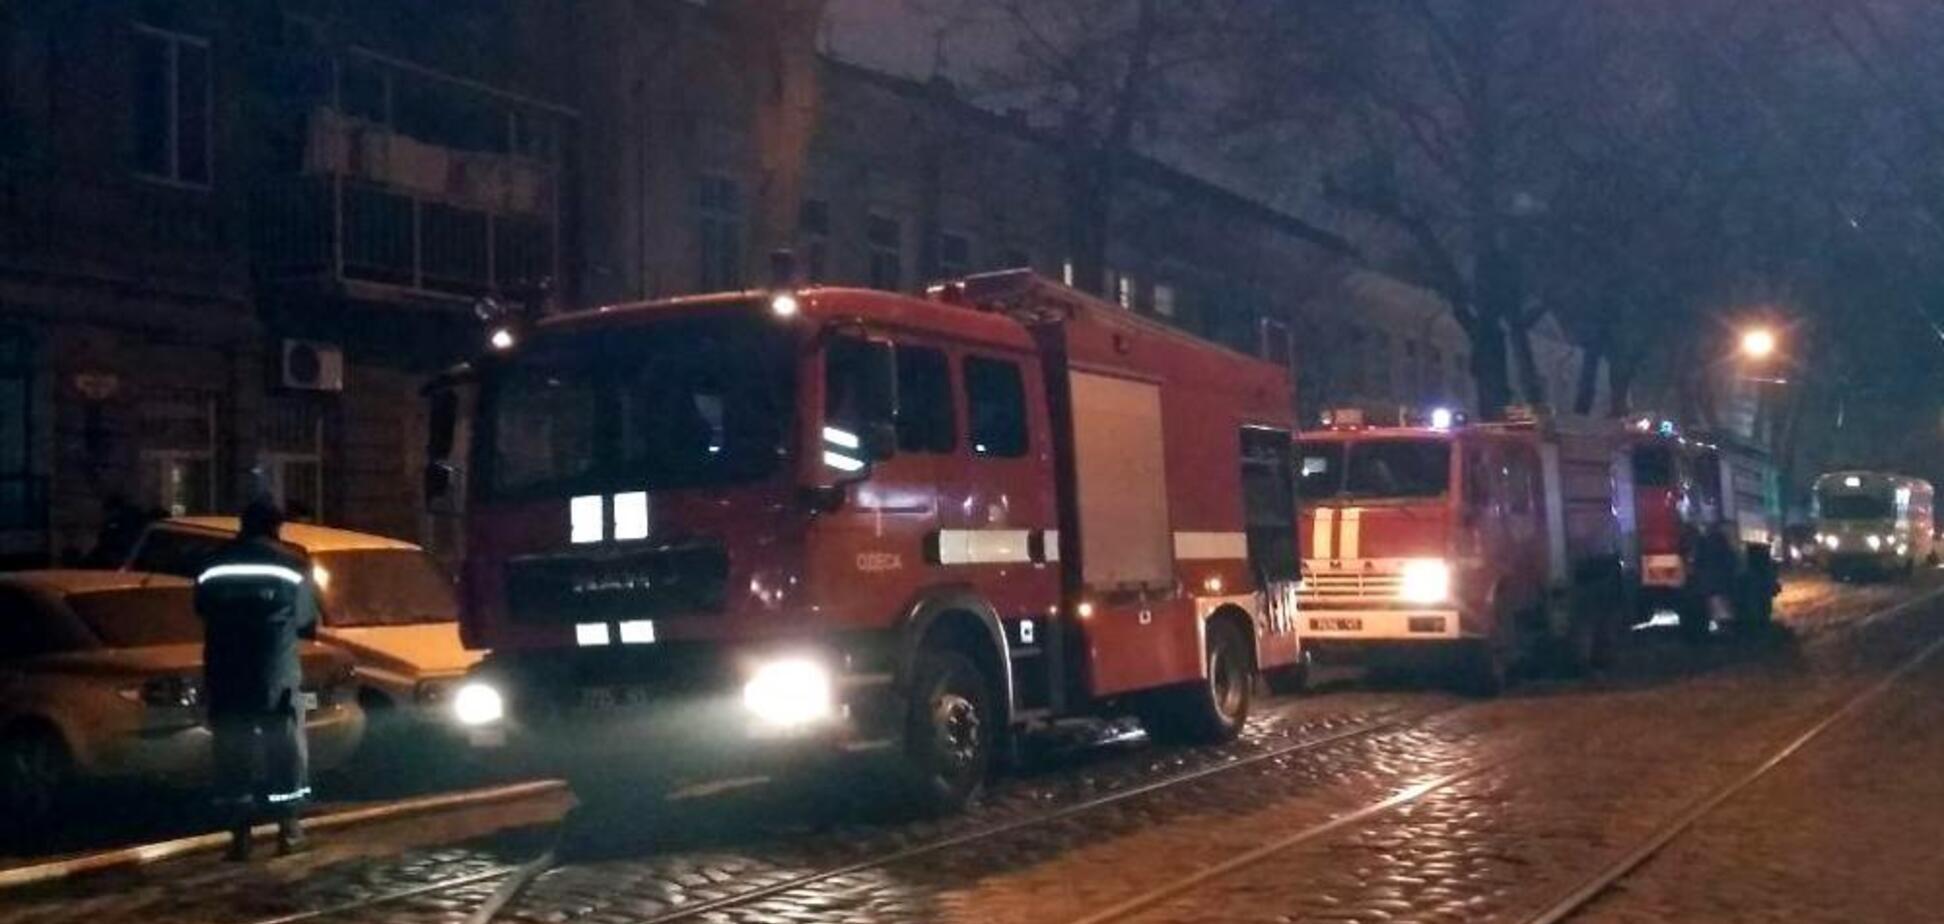 Небо окрасилось красным: все подробности и видео мощного пожара в Одессе